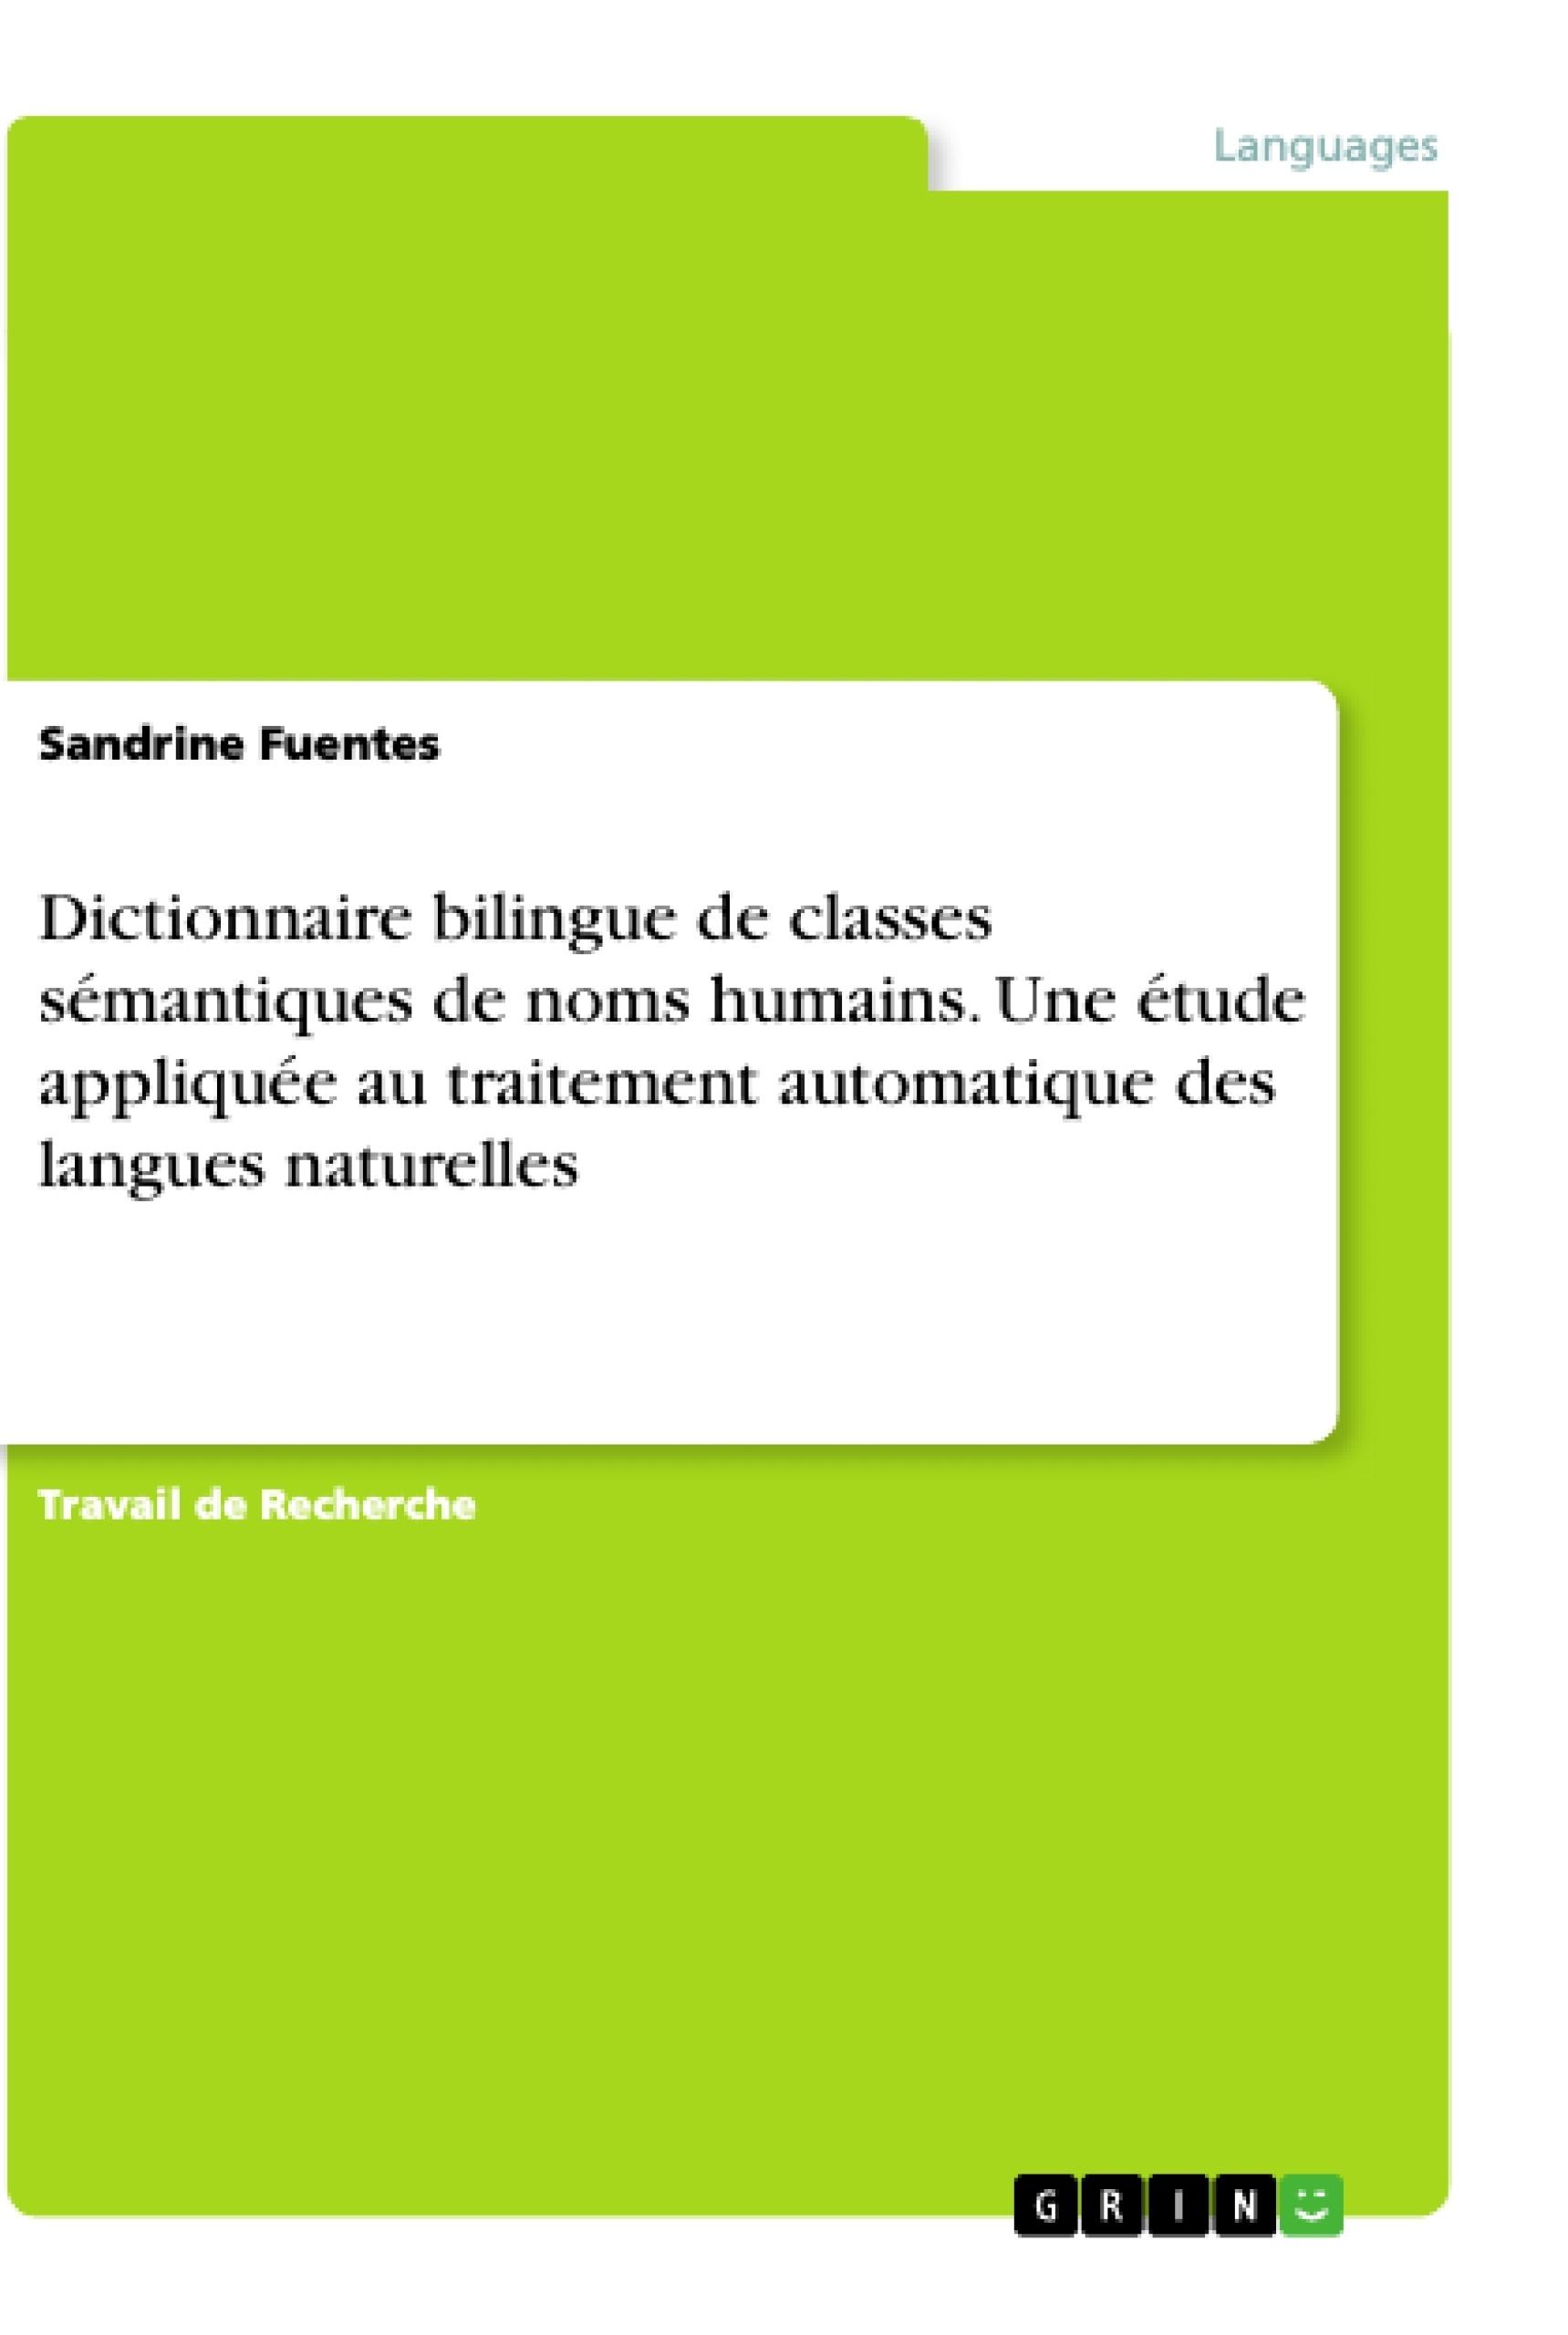 Titre: Dictionnaire bilingue de classes sémantiques de noms humains. Une étude appliquée au traitement automatique des langues naturelles